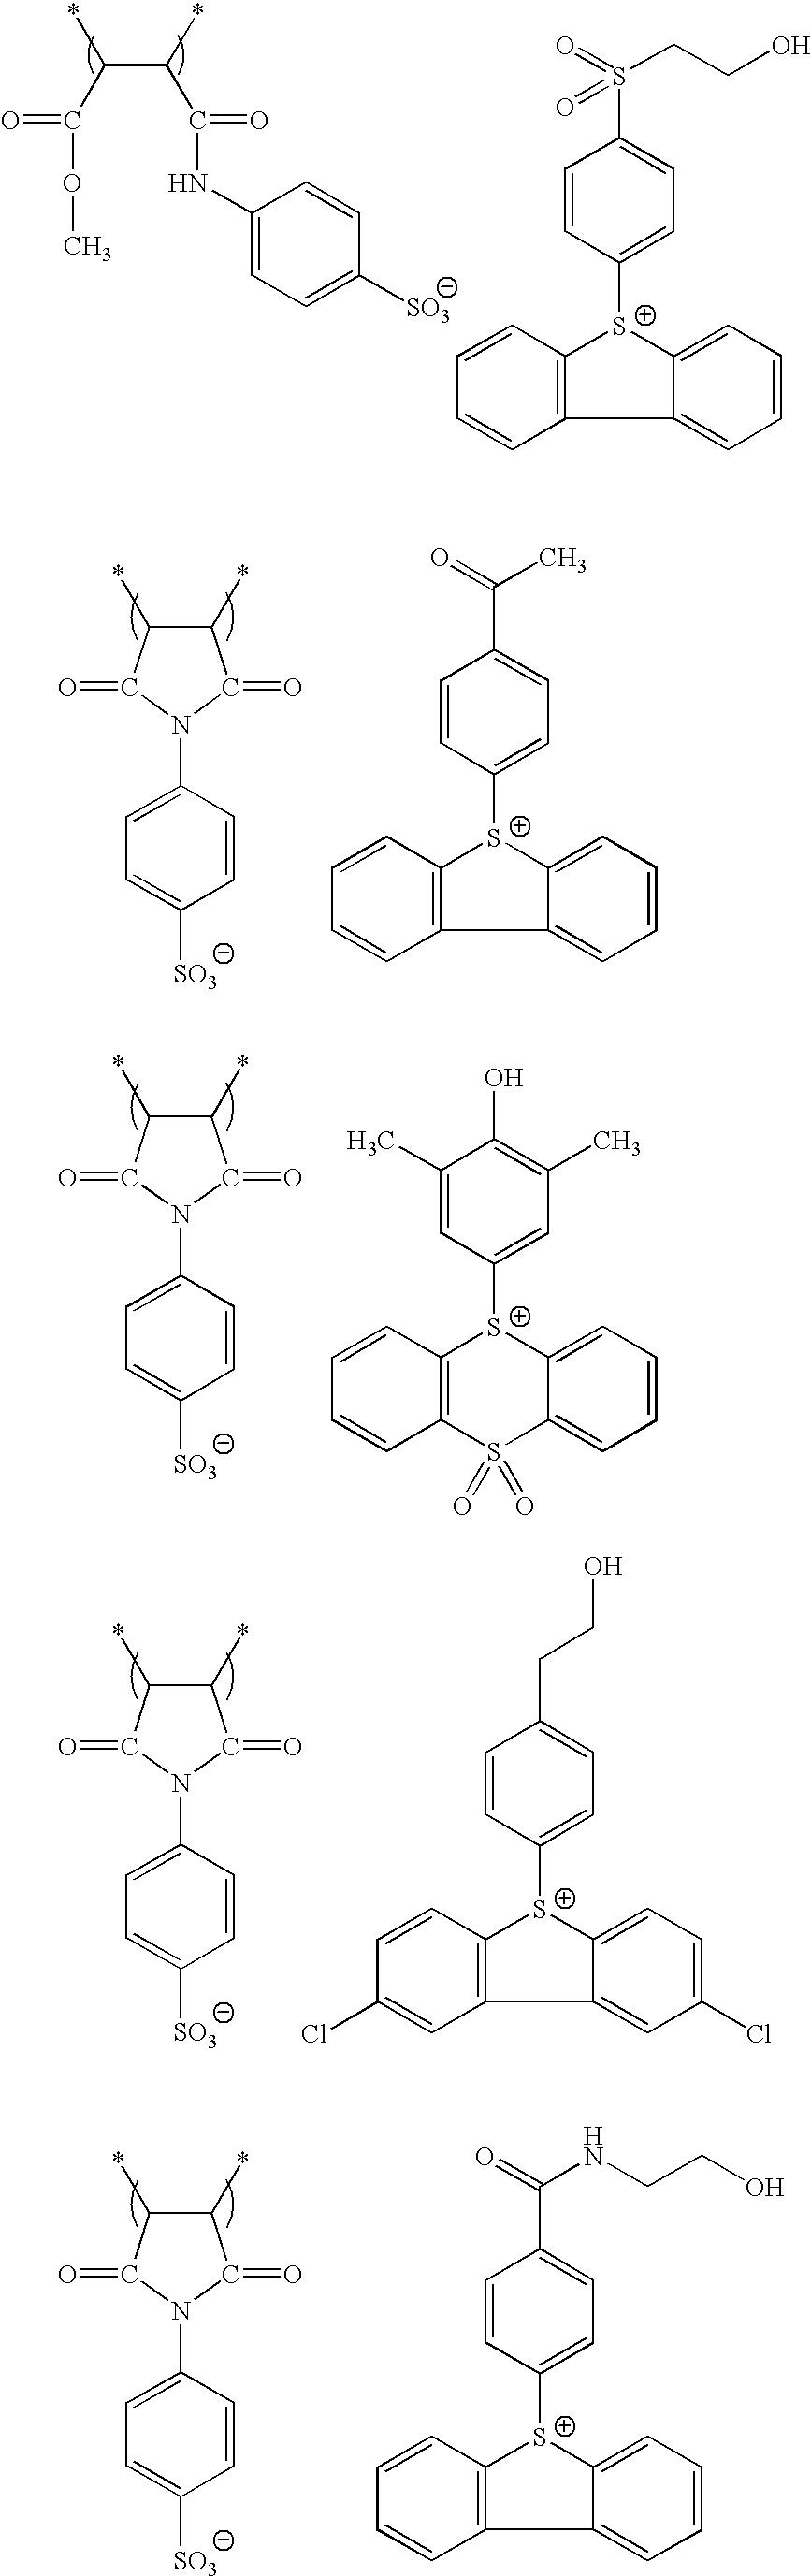 Figure US08852845-20141007-C00081